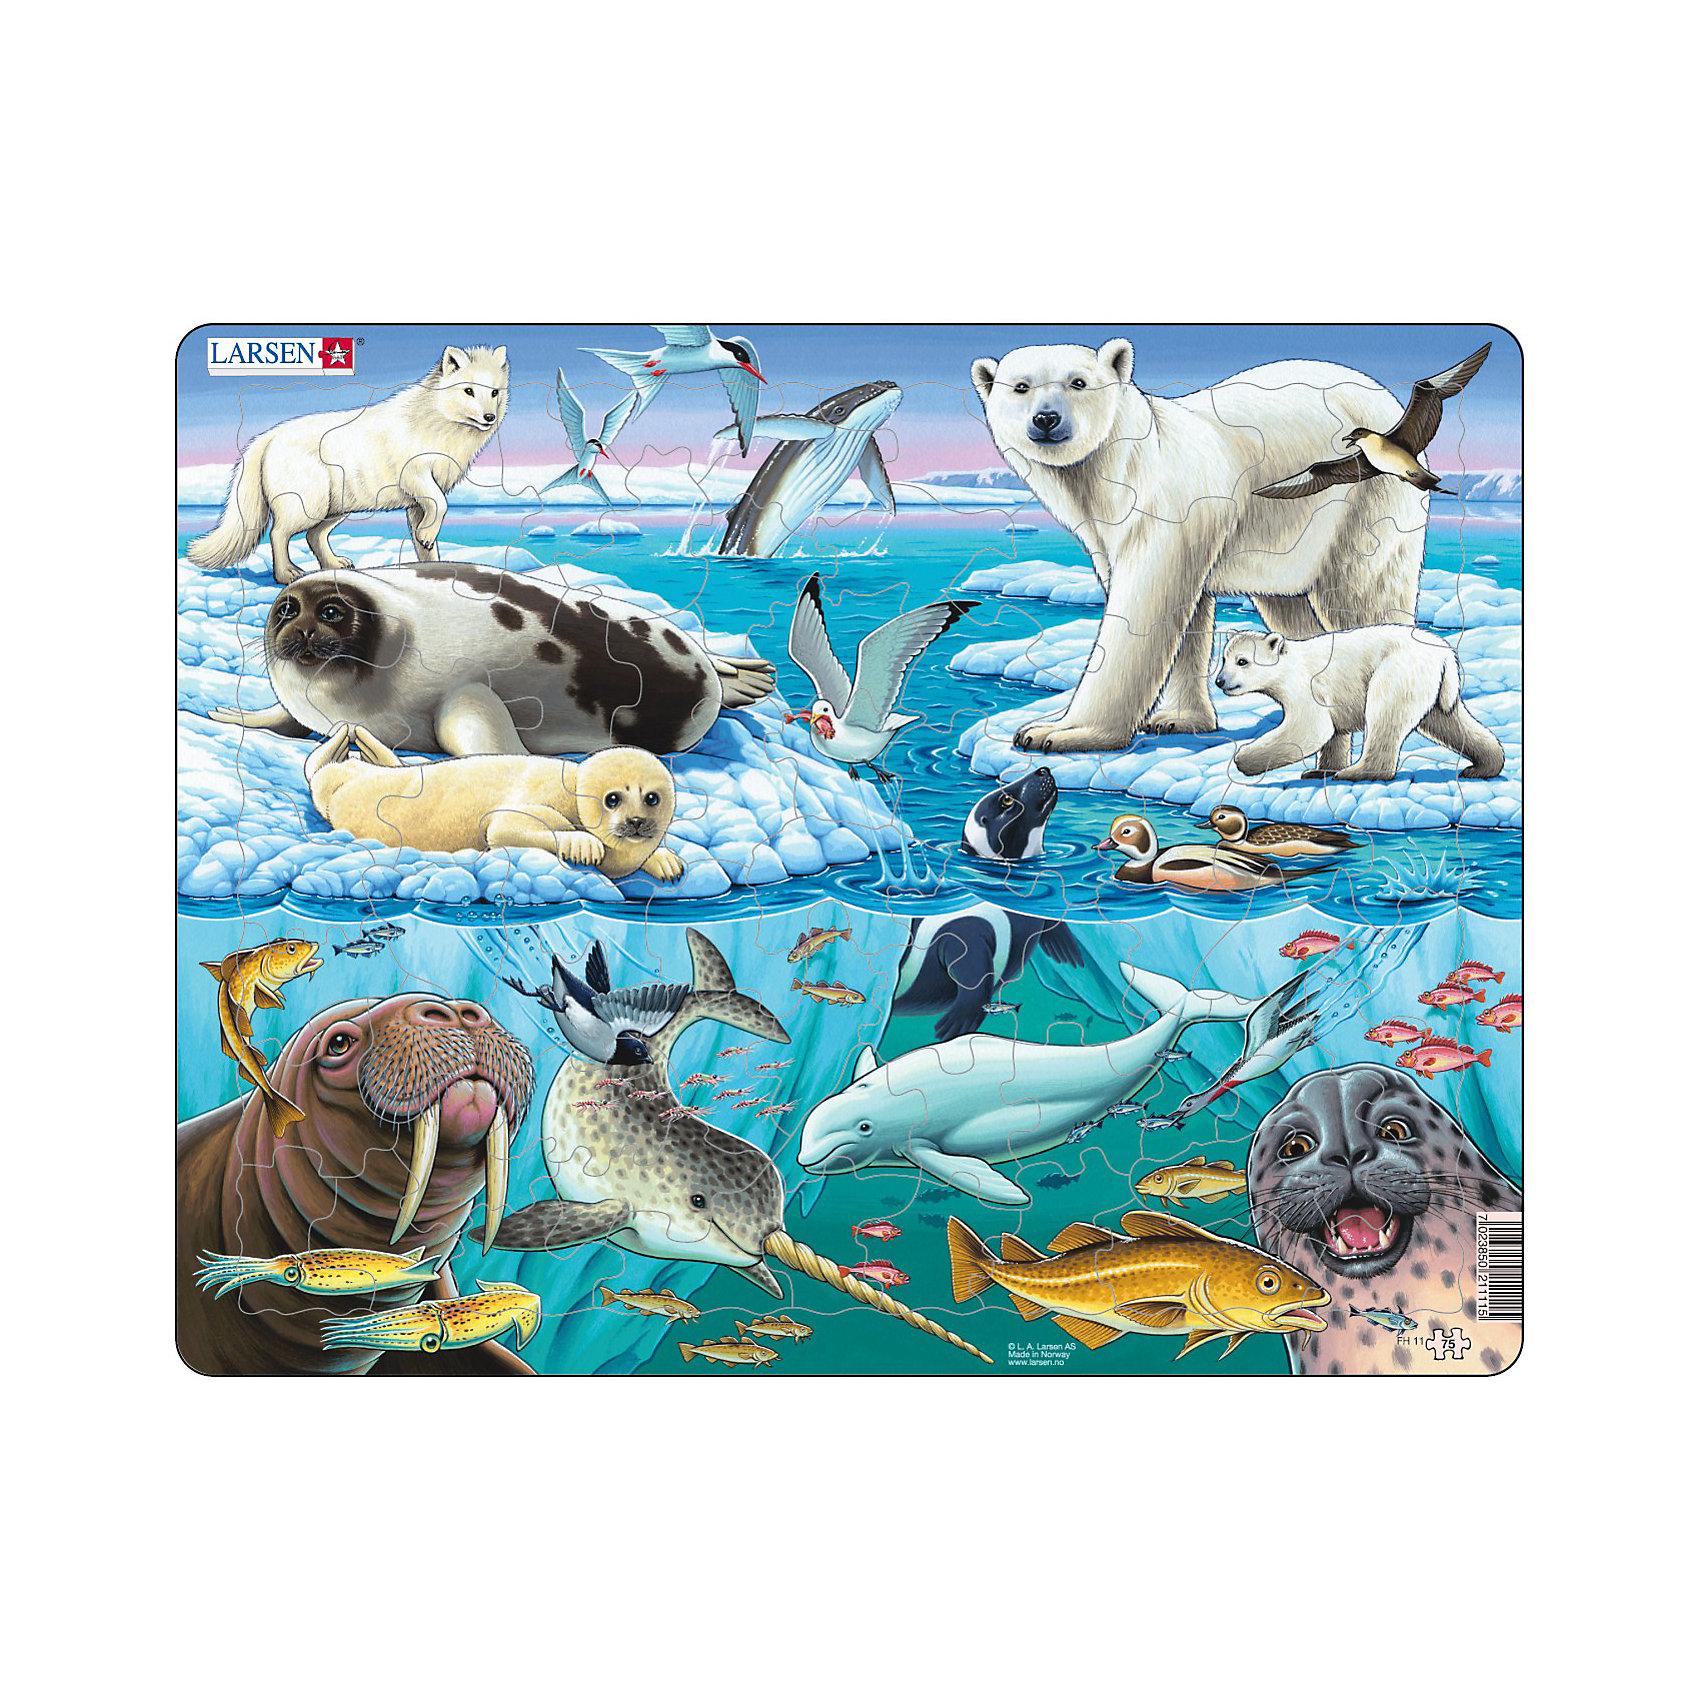 Пазл Арктика, 75 деталей, LarsenКлассические пазлы<br>Пазл Арктика, 75 деталей, Larsen (Ларсен) – это высококачественный обучающий пазл-рамка серии «Флора и Фауна».<br>Пазл-рамка Арктика – это яркий и красивый пазл, состоящий из 75 деталей, на котором с фотографической точностью прорисованы обитатели Арктики. Пазл имеет специальную рамку с подложкой, на которой выдавлены контуры необходимых деталей, что облегчит процесс сборки. Детали пазла изготовлены из высококачественного плотного трехслойного картона. Они не деформируются, хорошо сцепляются друг с другом, не расслаиваются. Рисунок не стирается. Занятия по сборке пазла развивают образное и логическое мышление, пространственное воображение, память, внимание, усидчивость, координацию движений и мелкую моторику.<br><br>Дополнительная информация:<br><br>- Количество деталей: 75<br>- Размер собранной картинки: 36,5х28,5 см.<br>- Материал: плотный трехслойный картон<br>- Размер упаковки: 36,5х0,5х28,5 см.<br><br>Пазл Арктика, 75 деталей, Larsen (Ларсен) можно купить в нашем интернет-магазине.<br><br>Ширина мм: 365<br>Глубина мм: 289<br>Высота мм: 10<br>Вес г: 320<br>Возраст от месяцев: 60<br>Возраст до месяцев: 84<br>Пол: Унисекс<br>Возраст: Детский<br>Количество деталей: 75<br>SKU: 3206503